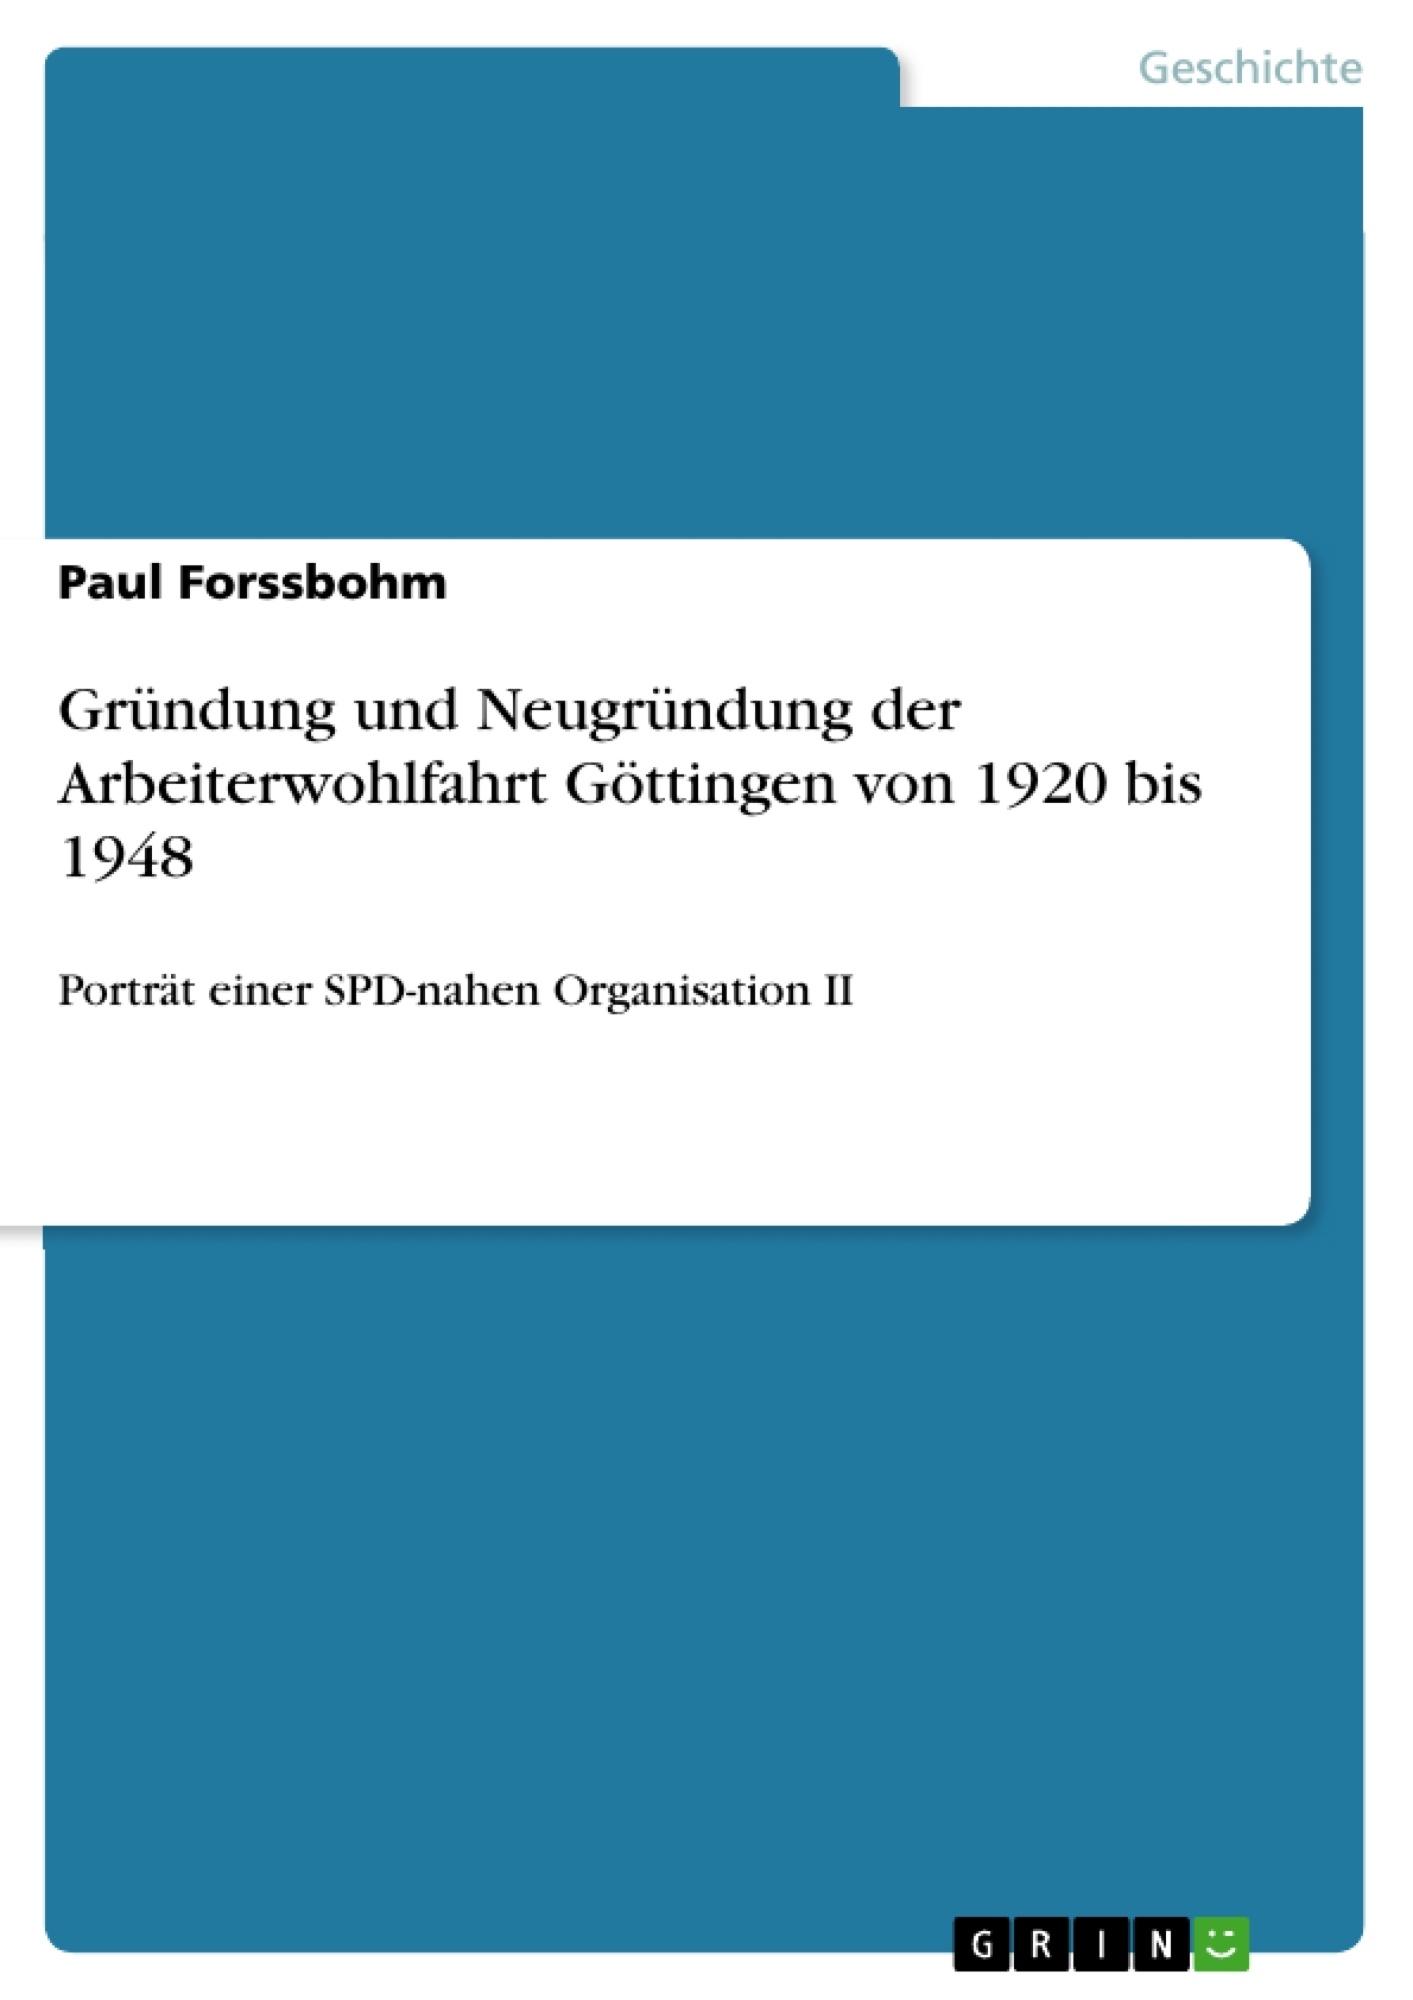 Titel: Gründung und Neugründung der Arbeiterwohlfahrt Göttingen von 1920 bis 1948